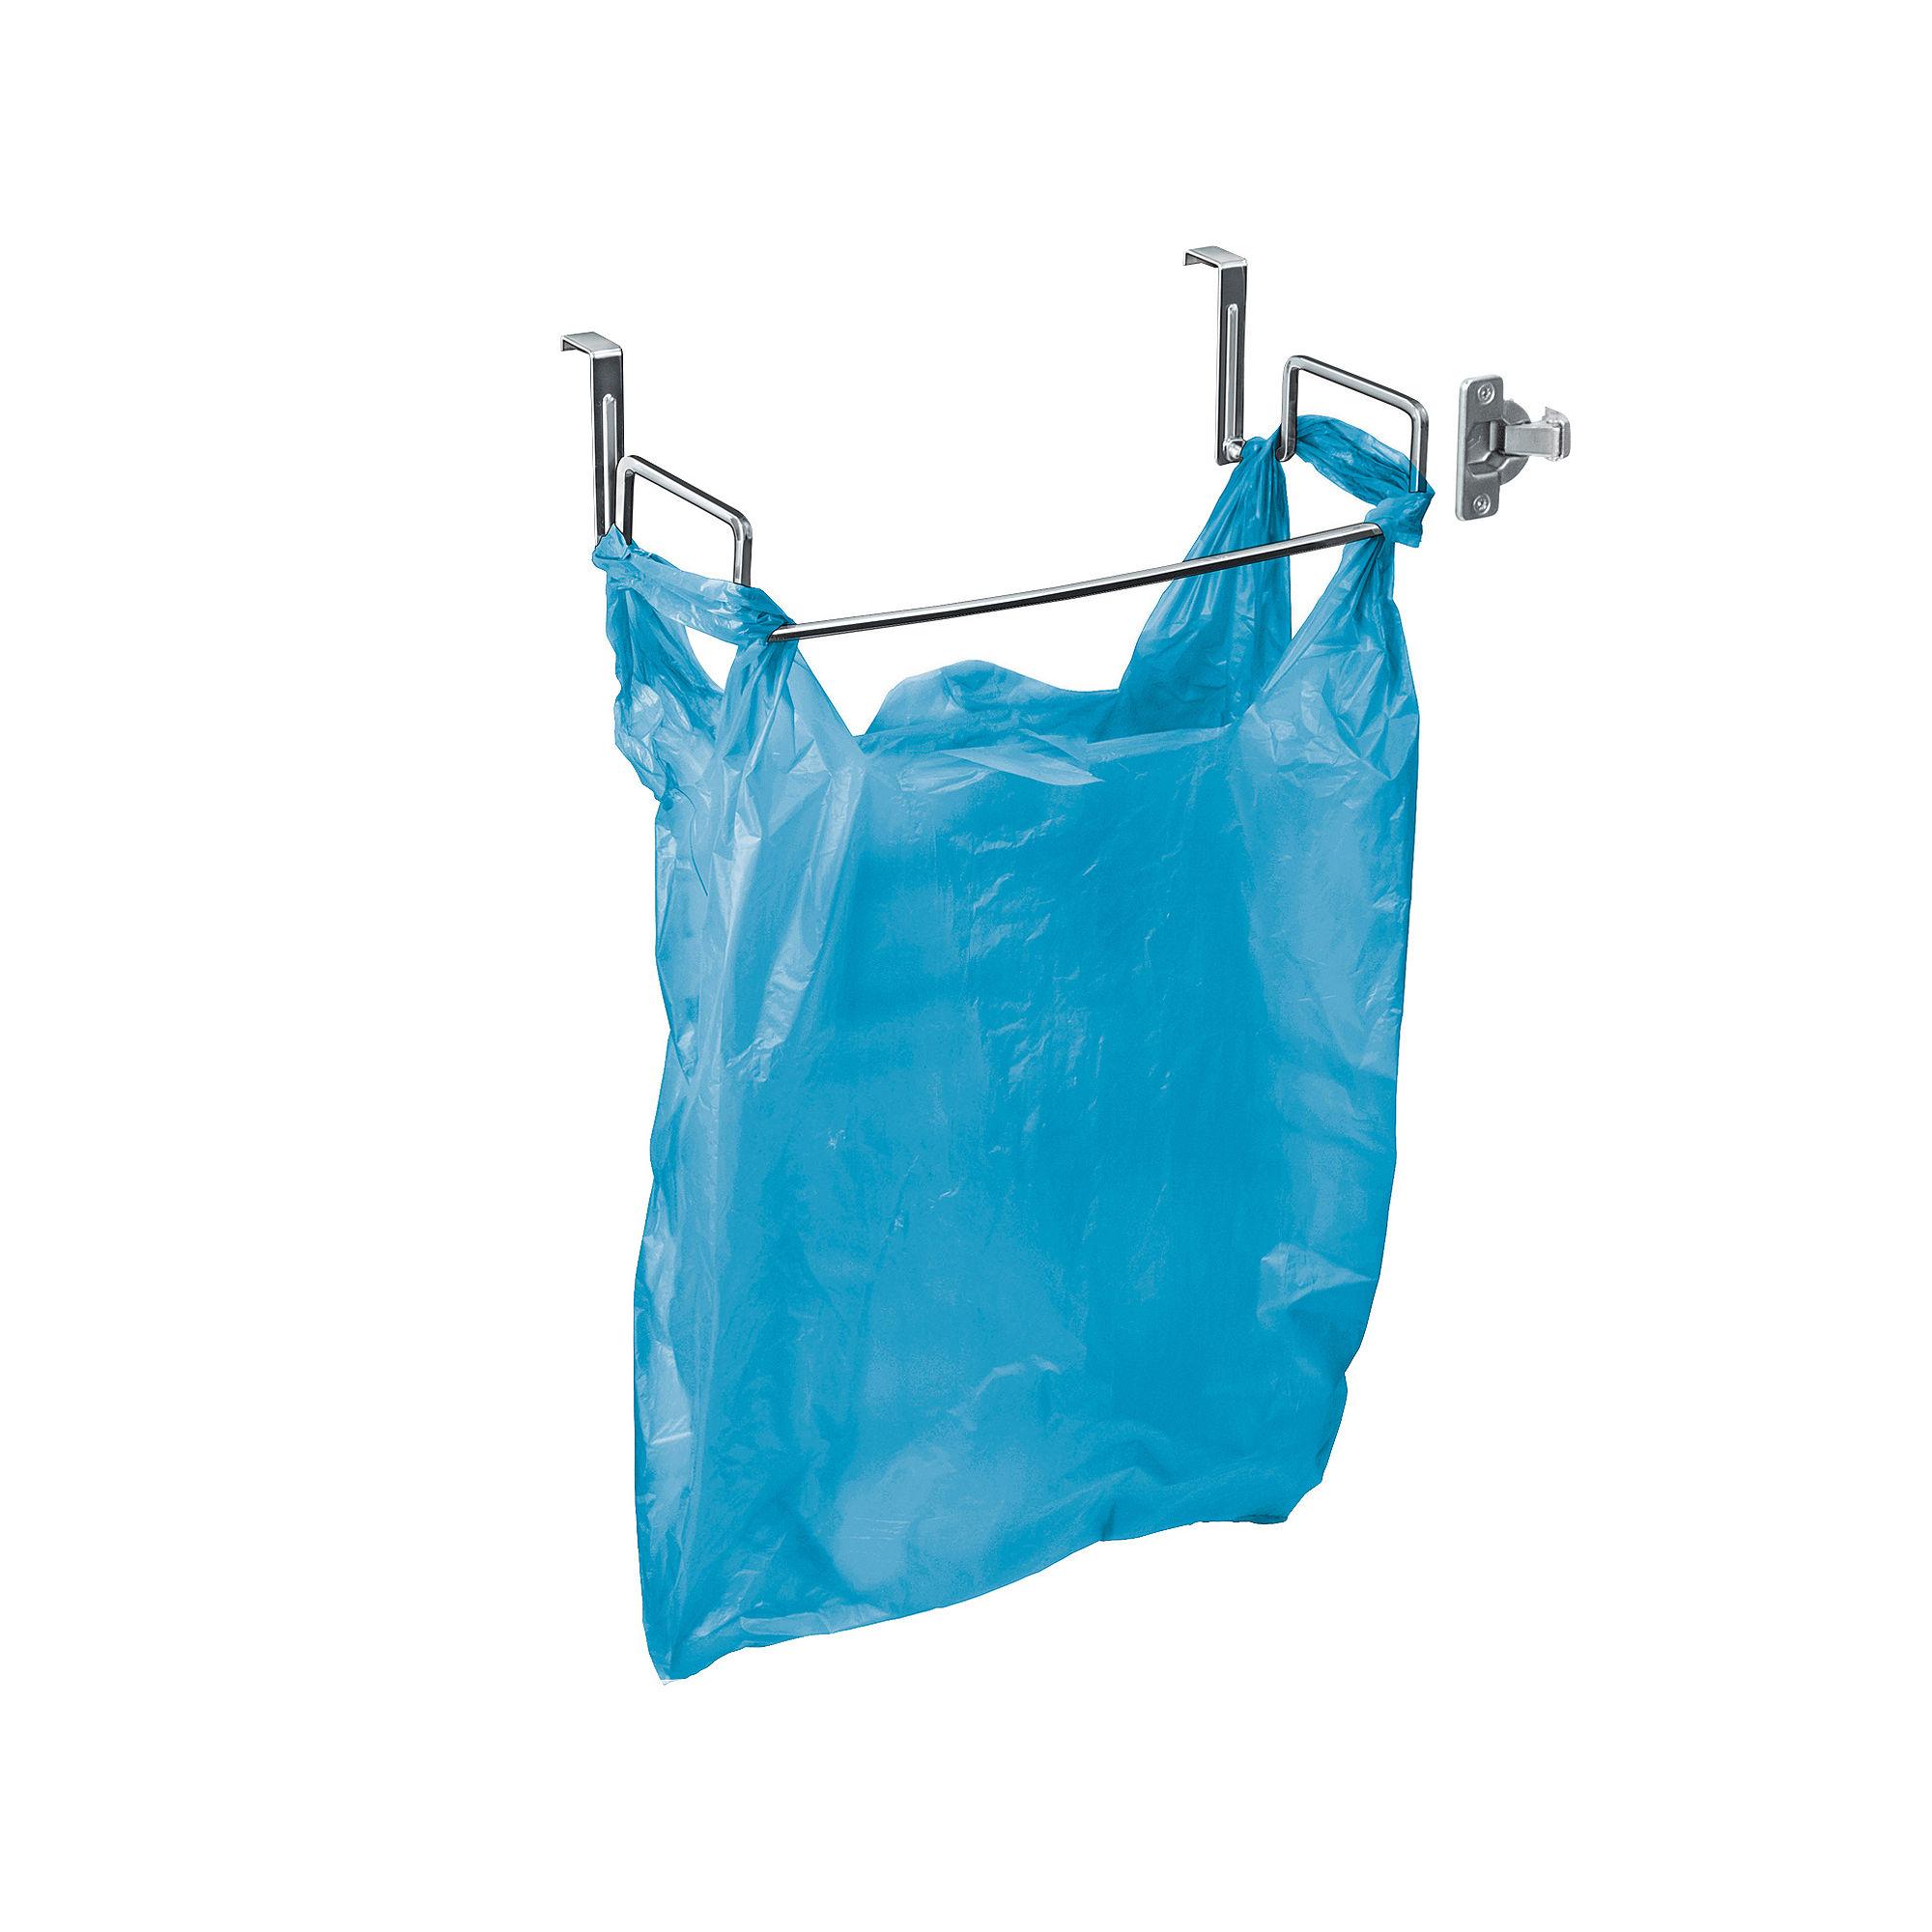 LYNK Over-the-Door Chrome Bag Holder